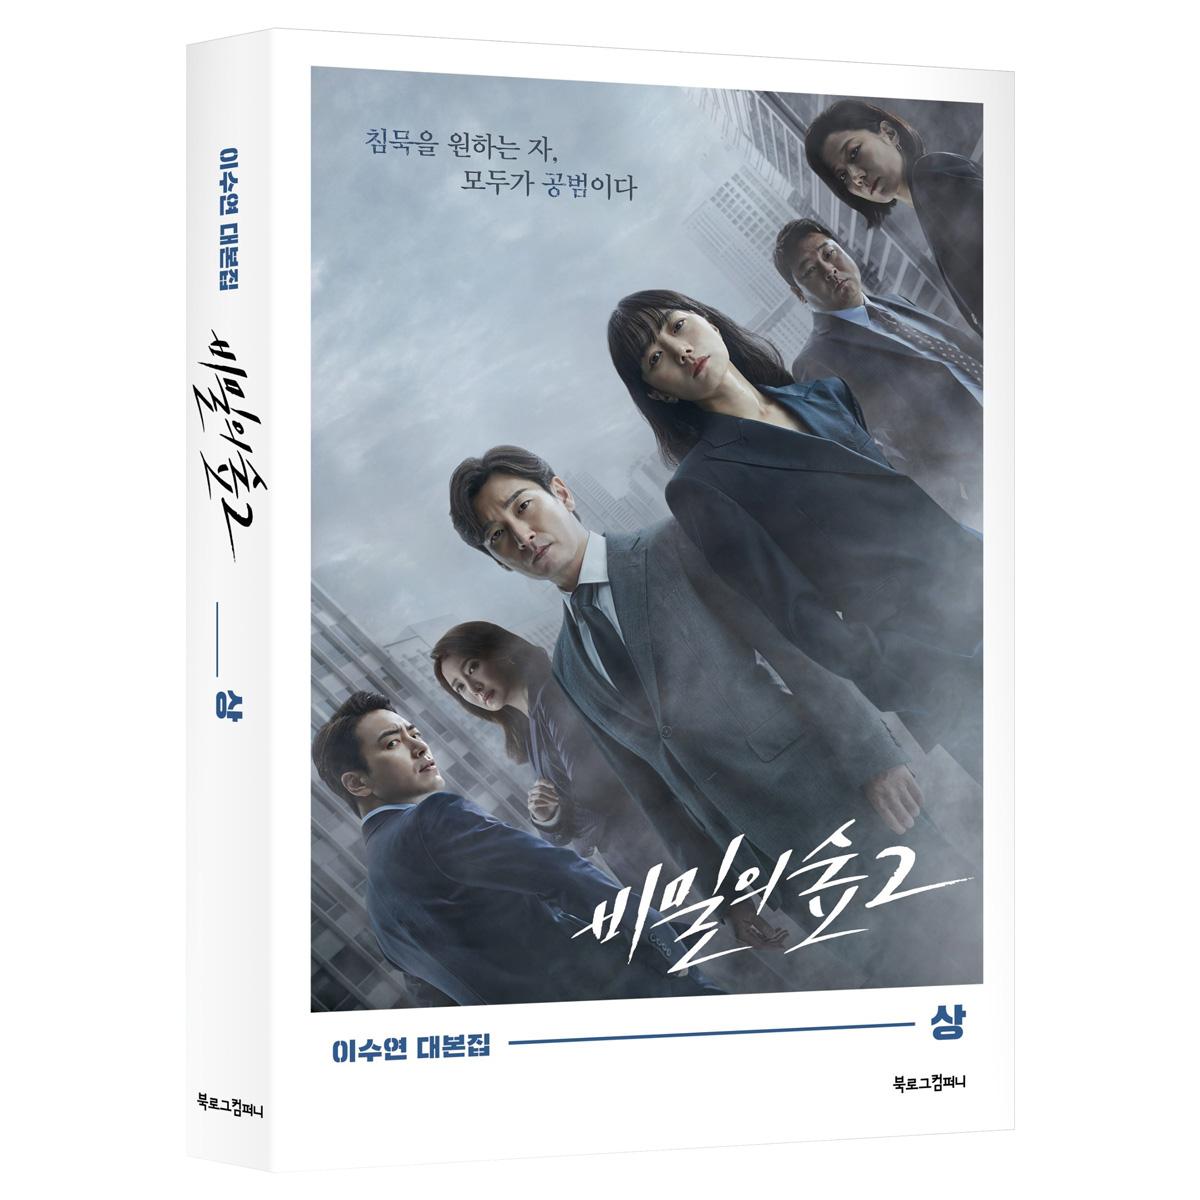 비밀의 숲 시즌 2 상, 북로그컴퍼니